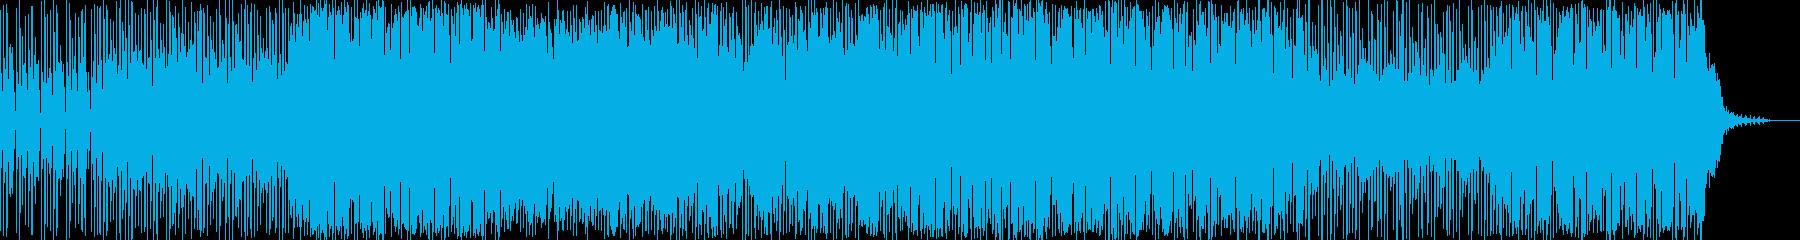 やさしい感じのメロディが印象的なロックの再生済みの波形